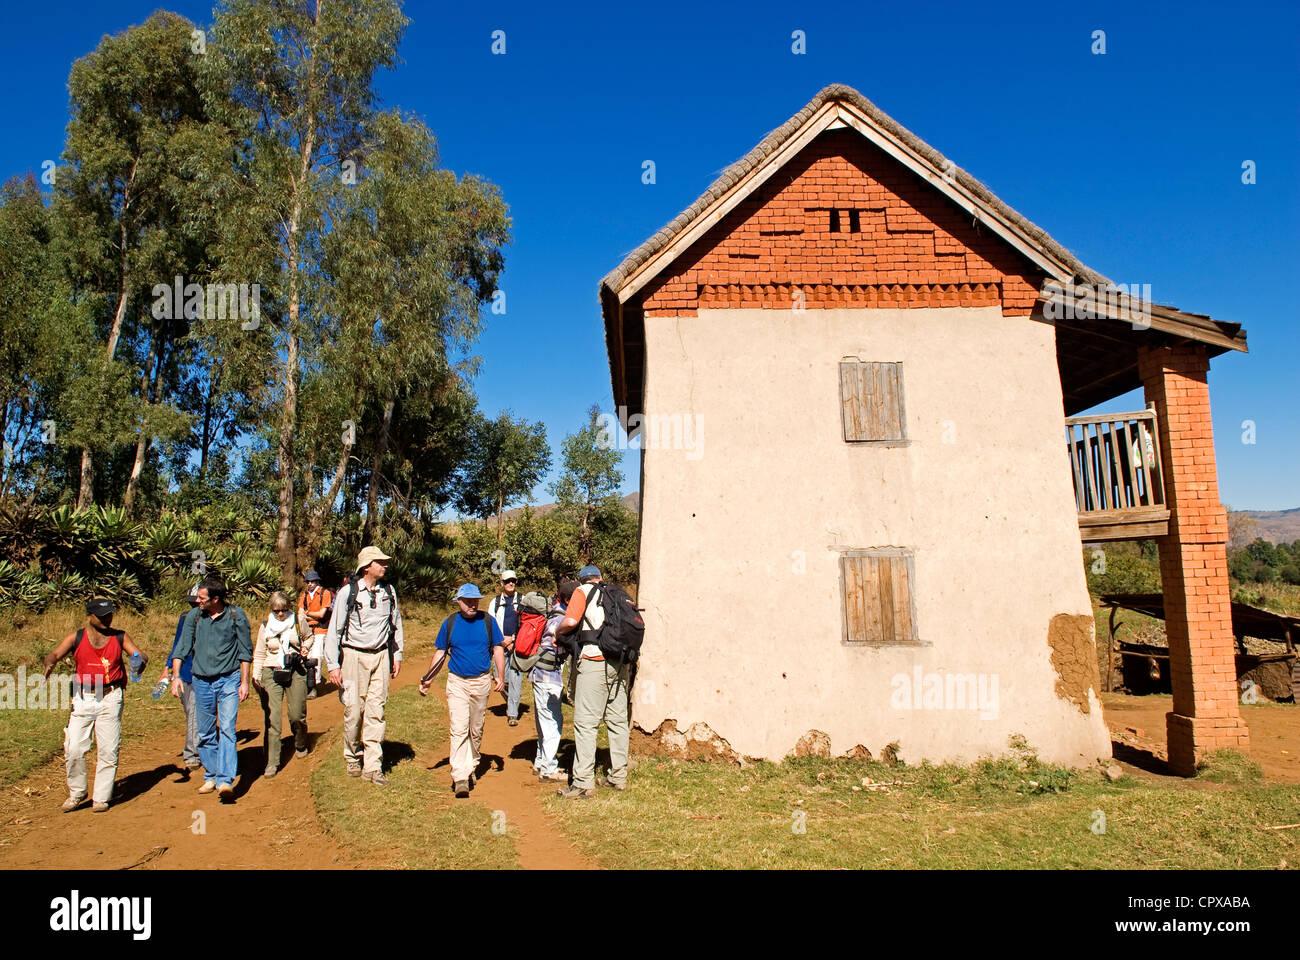 Madagascar, hauts plateaux du centre, ancienne province d'Antananarivo, entre Betafo et Antsirabe, accueil traditionnel Photo Stock